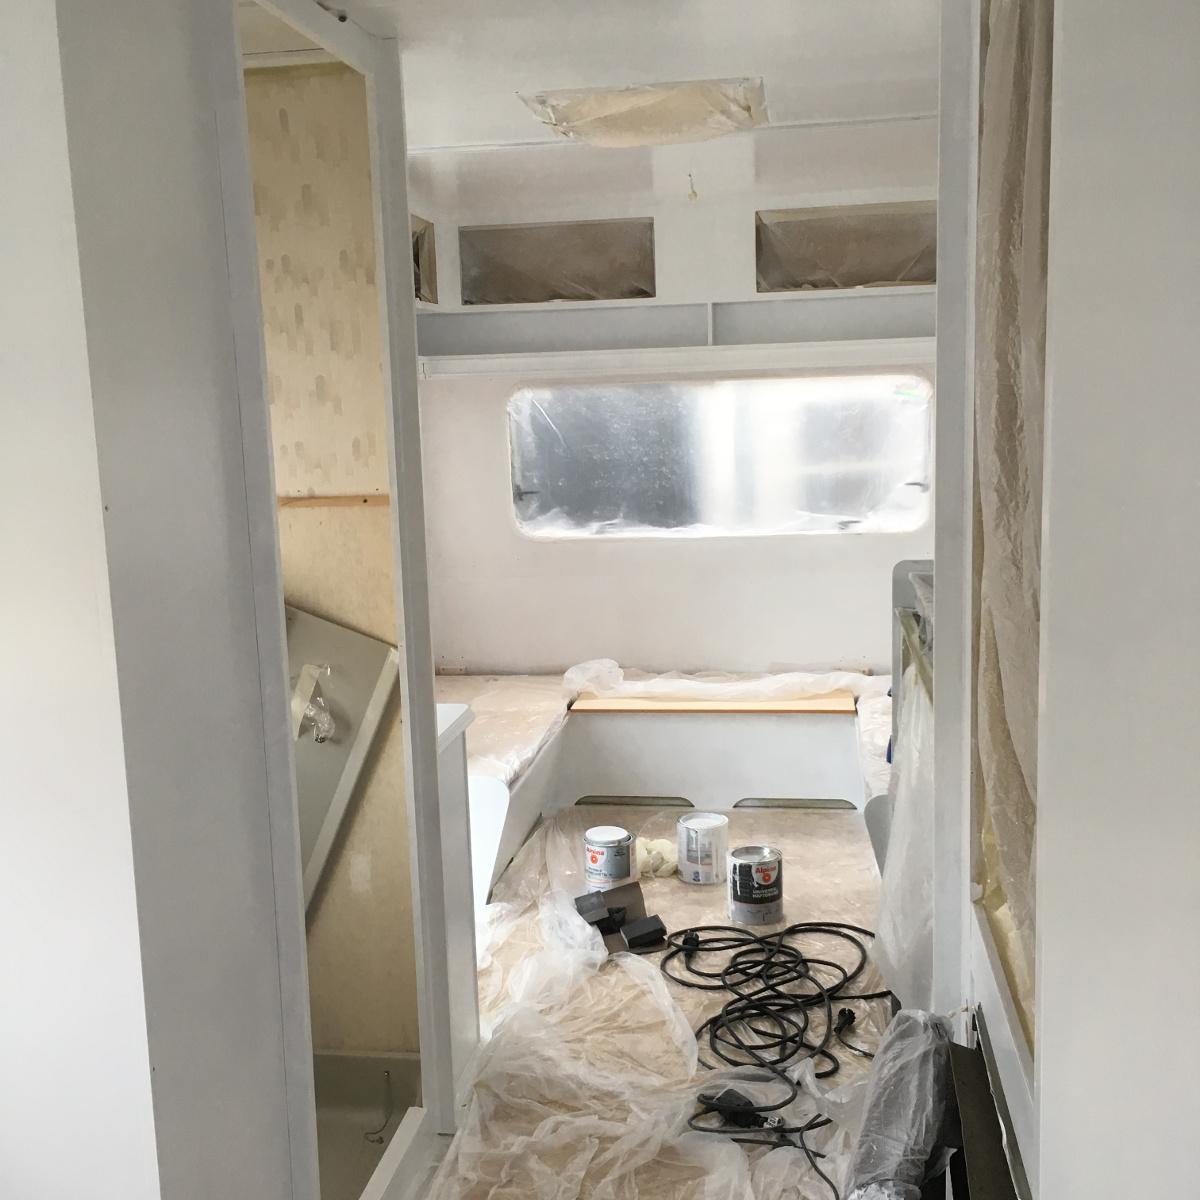 Nasszelle Wohnwagen Renovieren | Pimpmycaravan Hash Tags Deskgram